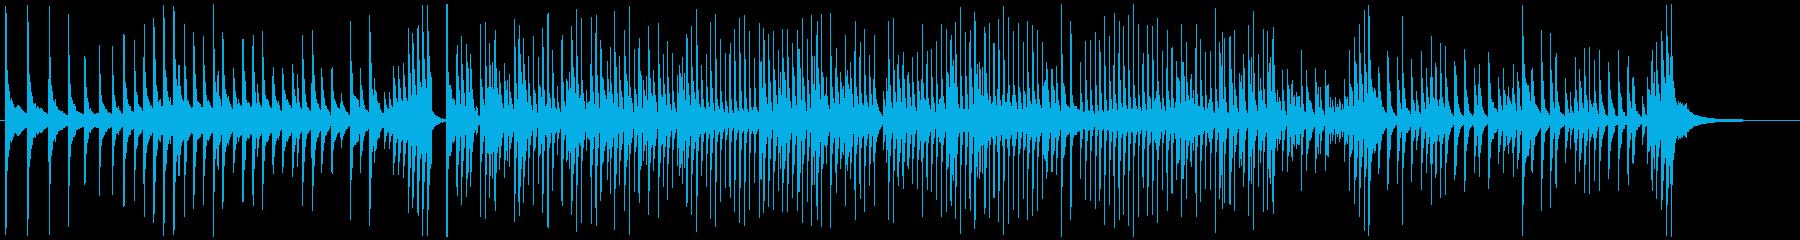 津軽三味線ソロ-I、激しい、疾走、声なしの再生済みの波形